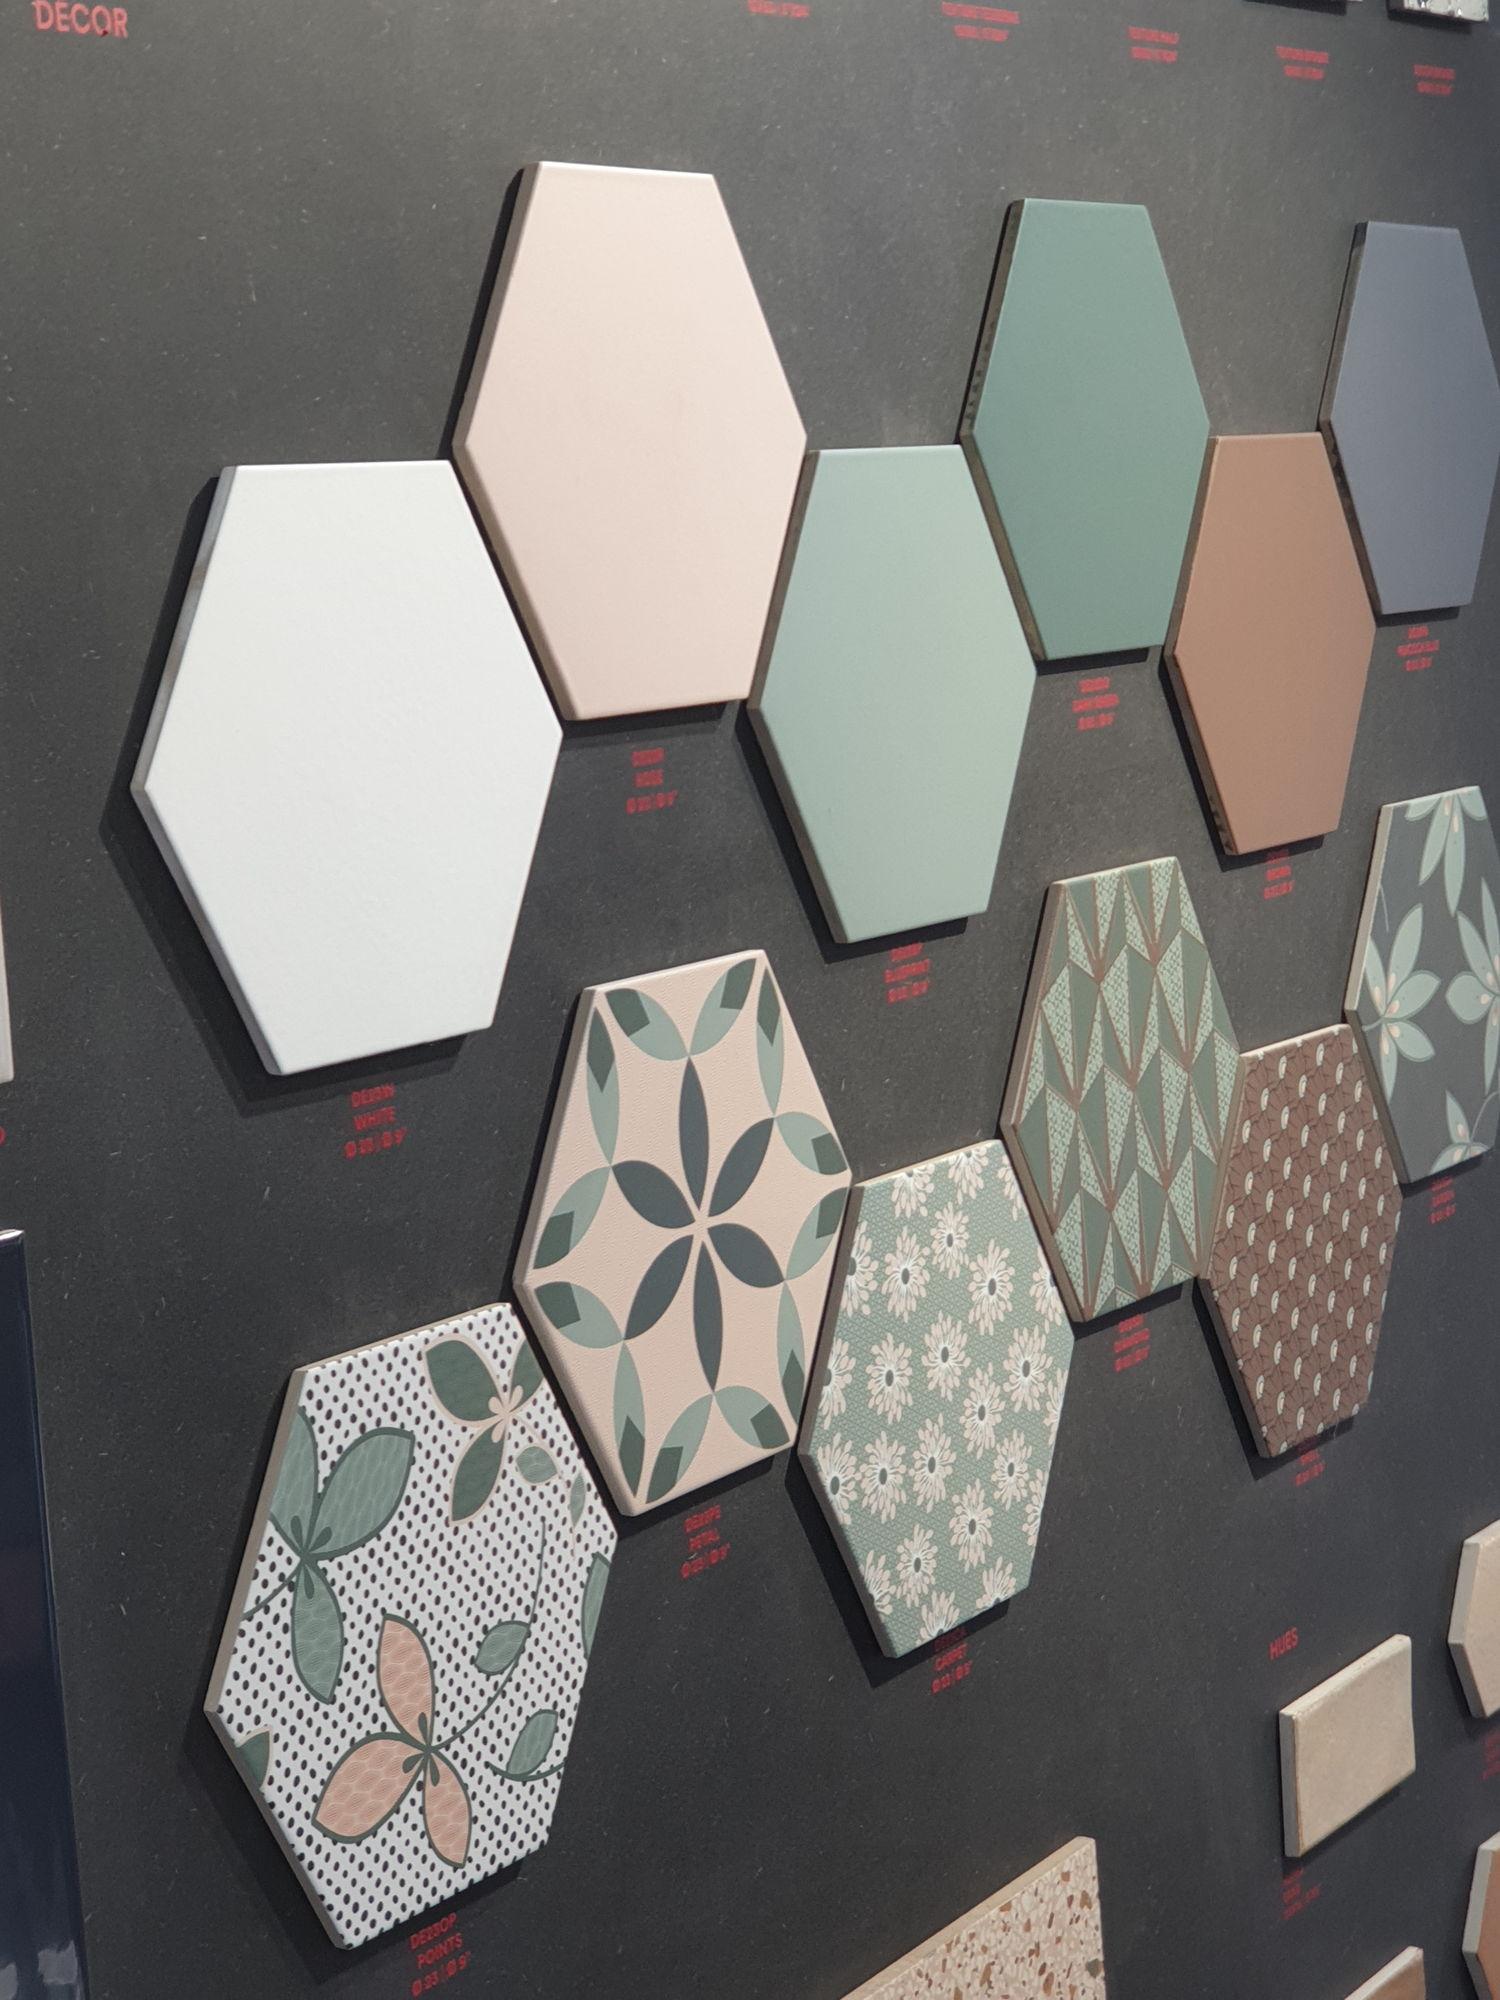 Płytki heksagonalne Ornamenta w pastelowych kolorach